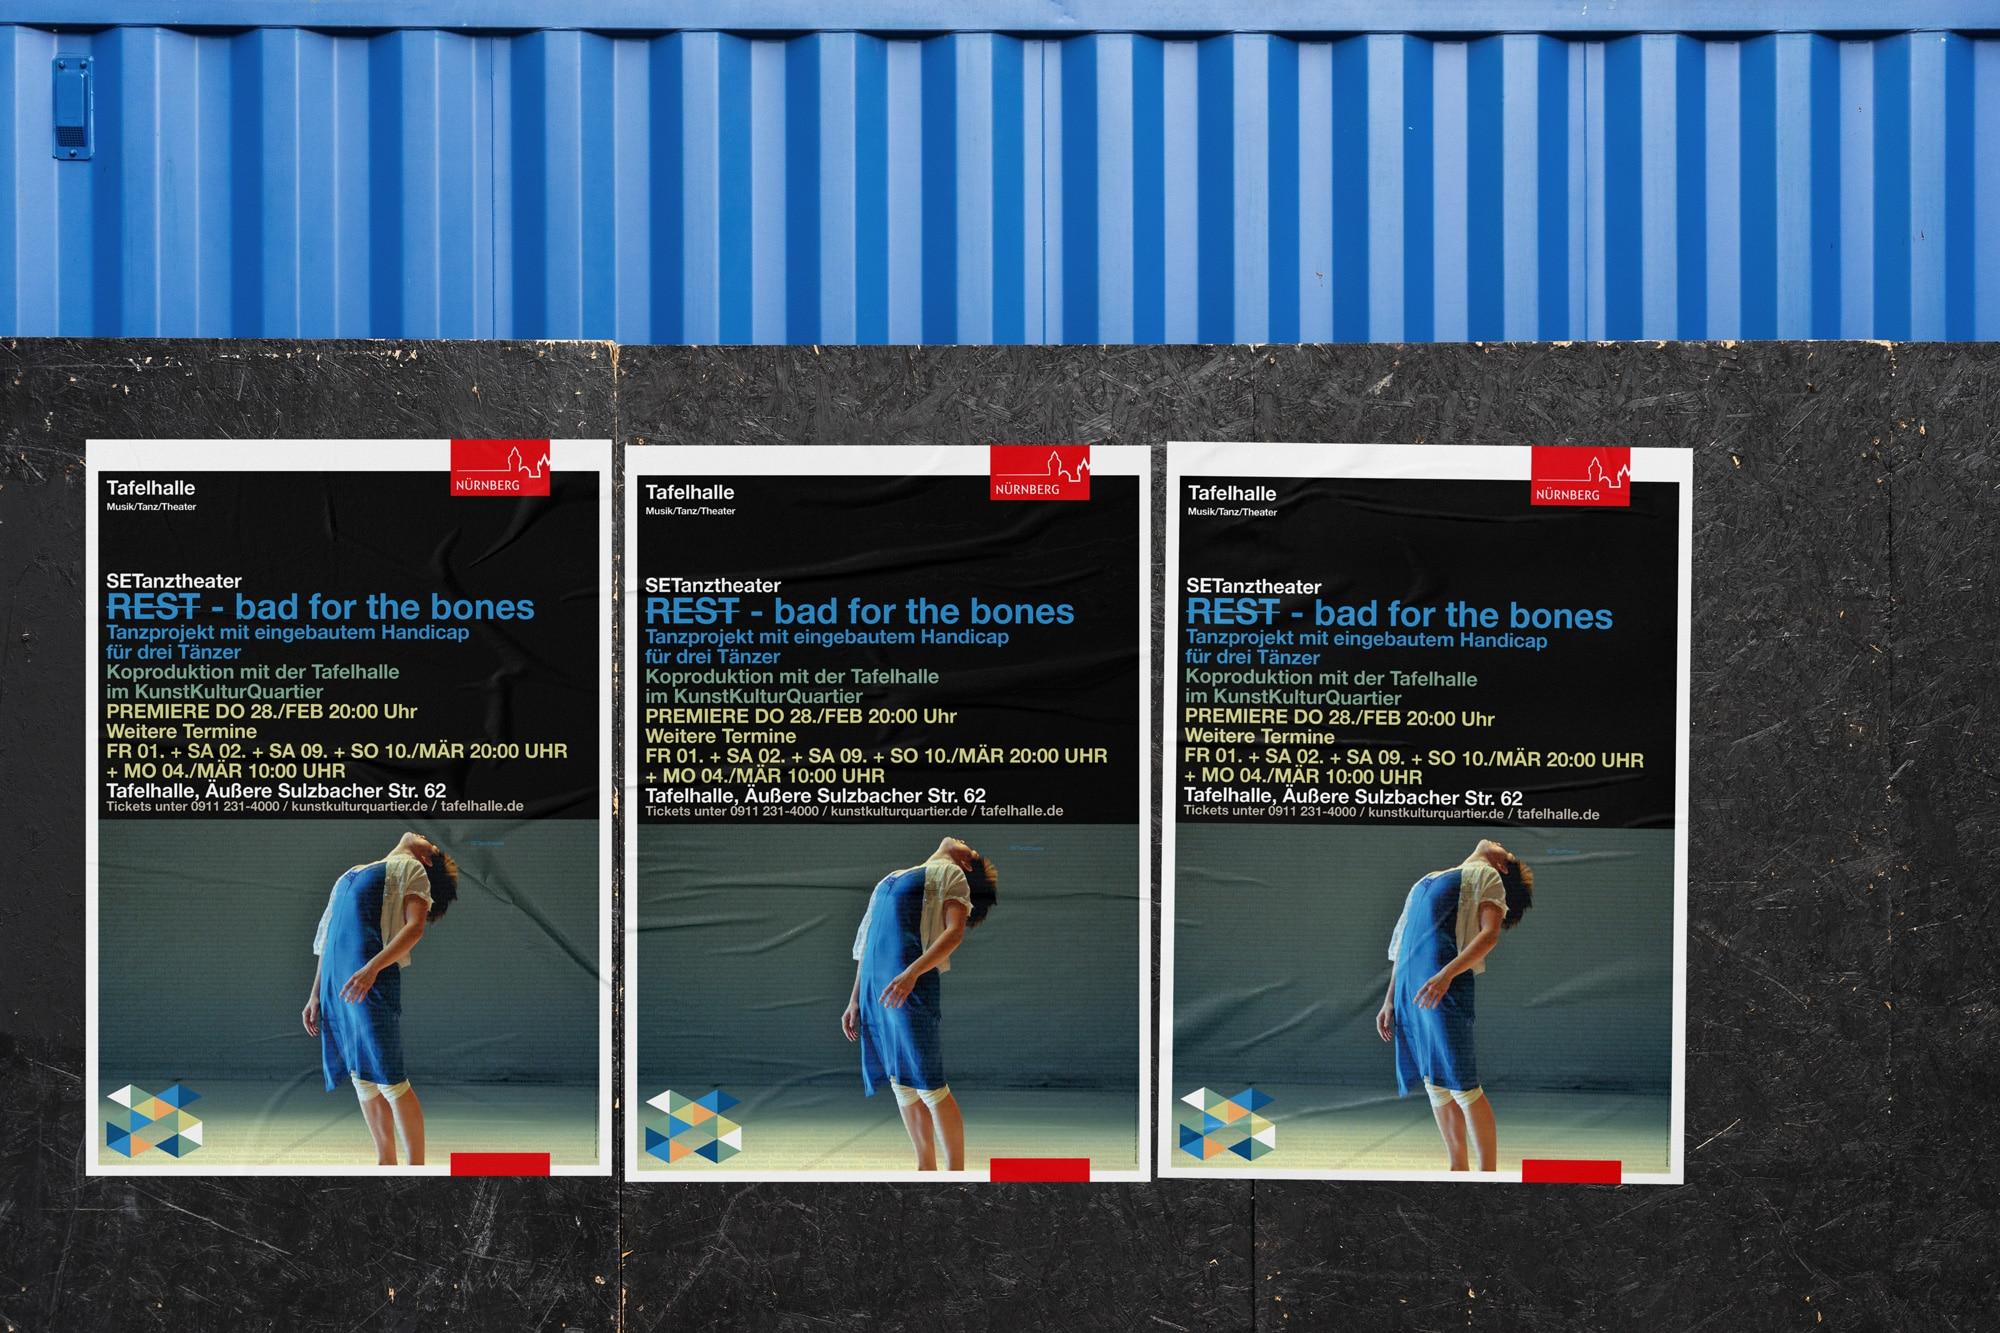 planx-CorporateDesign-Tafelhalle-12-13-3Plakate-02